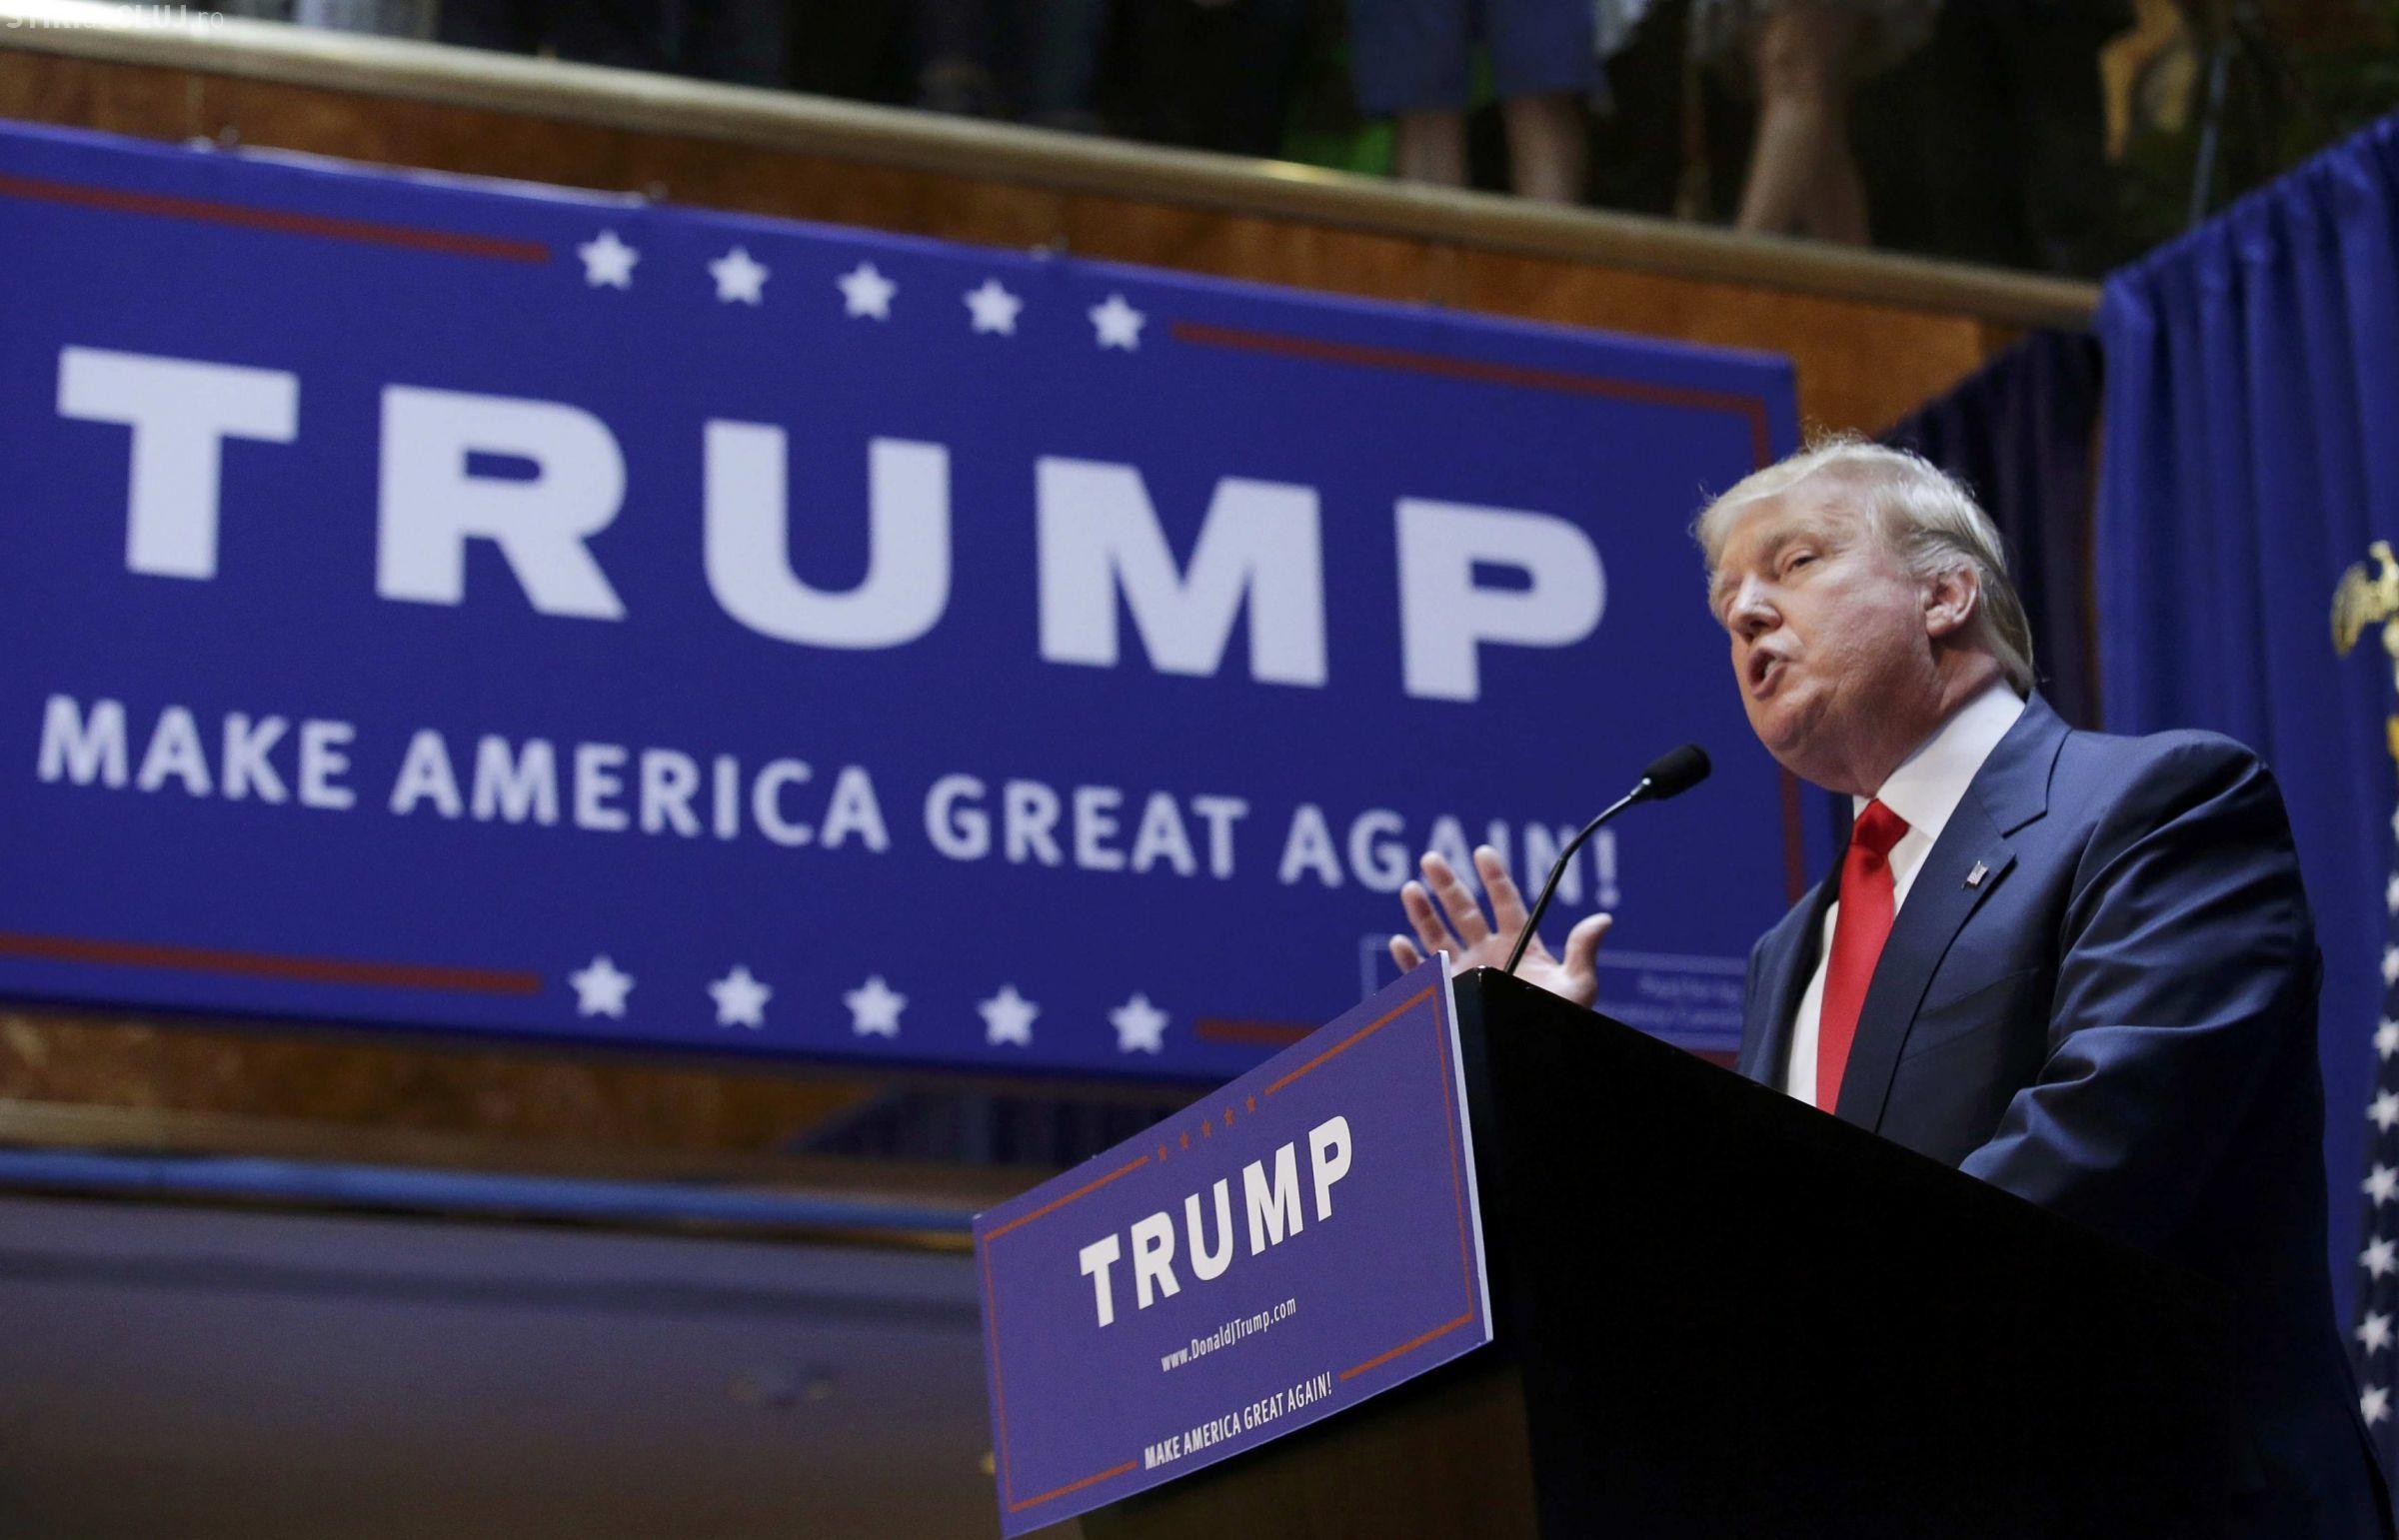 Prima reacție a lui Donald Trump după ce a câștigat alegerile pentru președinția Statelor Unite: M-a sunat Hillary Clinton